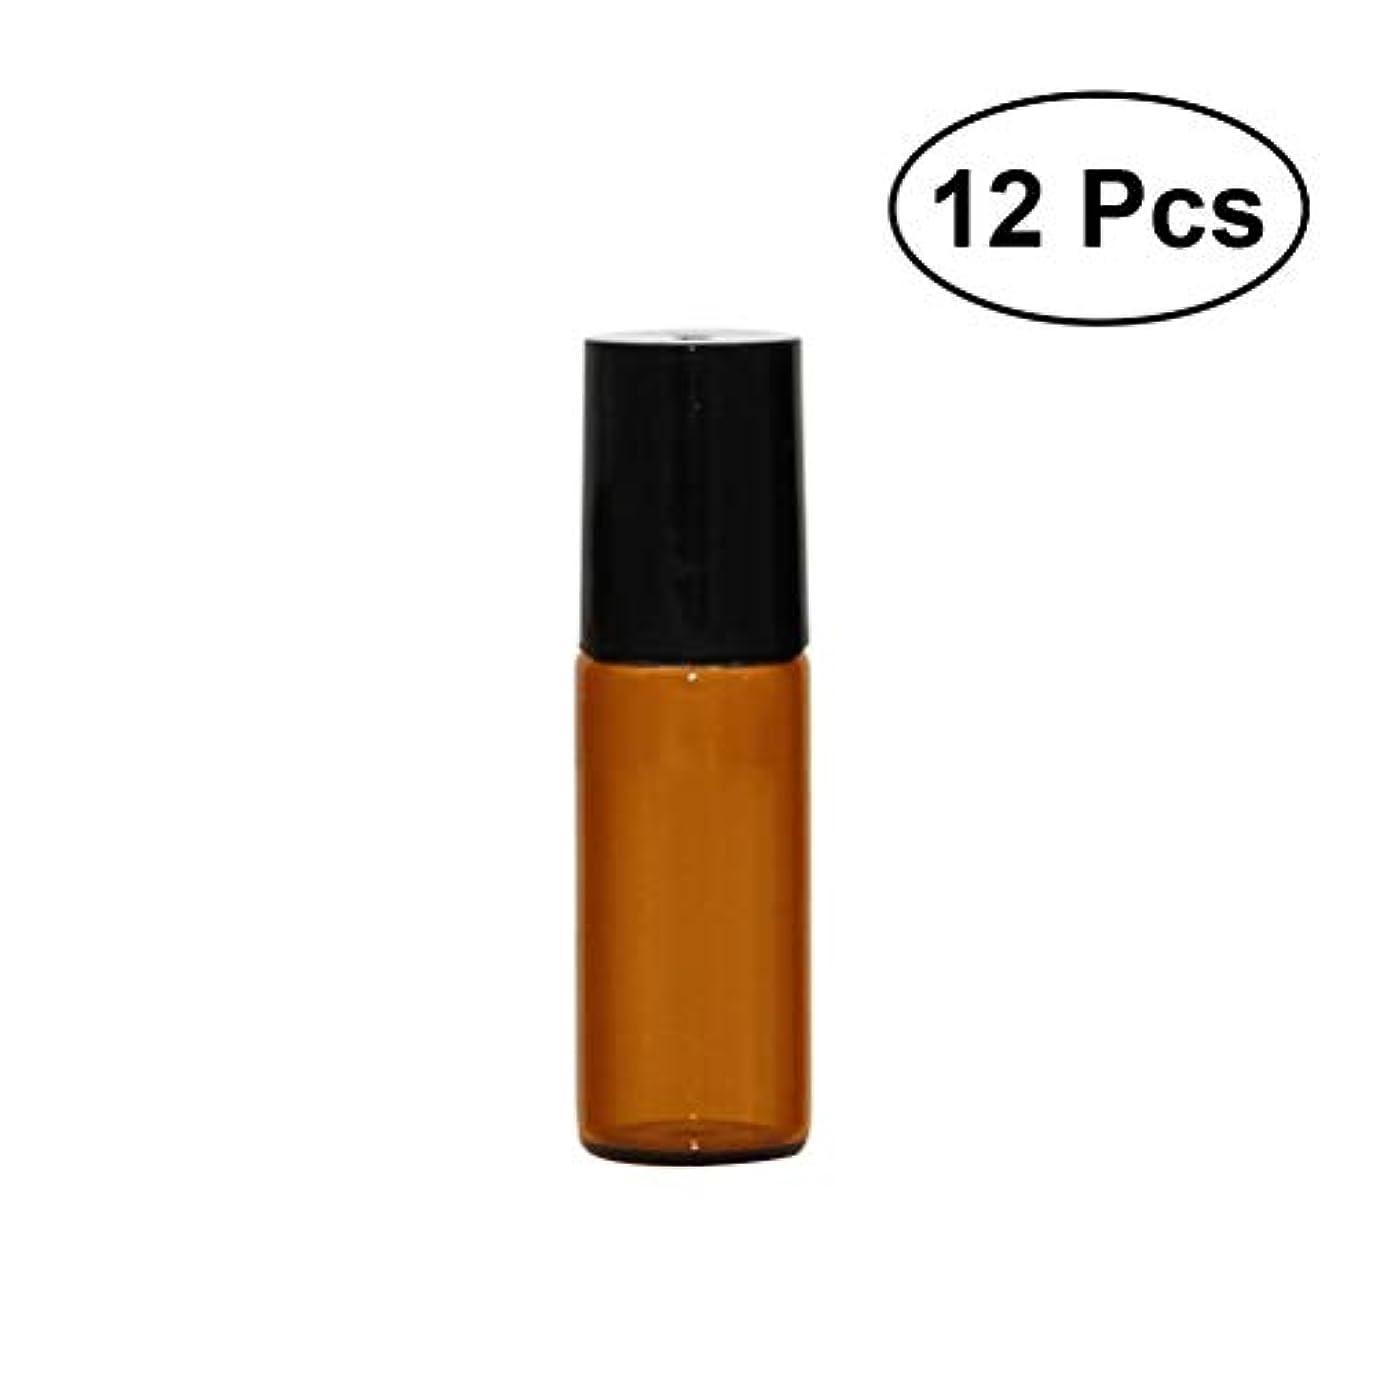 居間センブランススキャンダラス12本セット 5ml ローオンボトル イプ 茶色 香水 精油 遮光瓶 ガラスロールタ小分け用 アロマボトル 保存容器